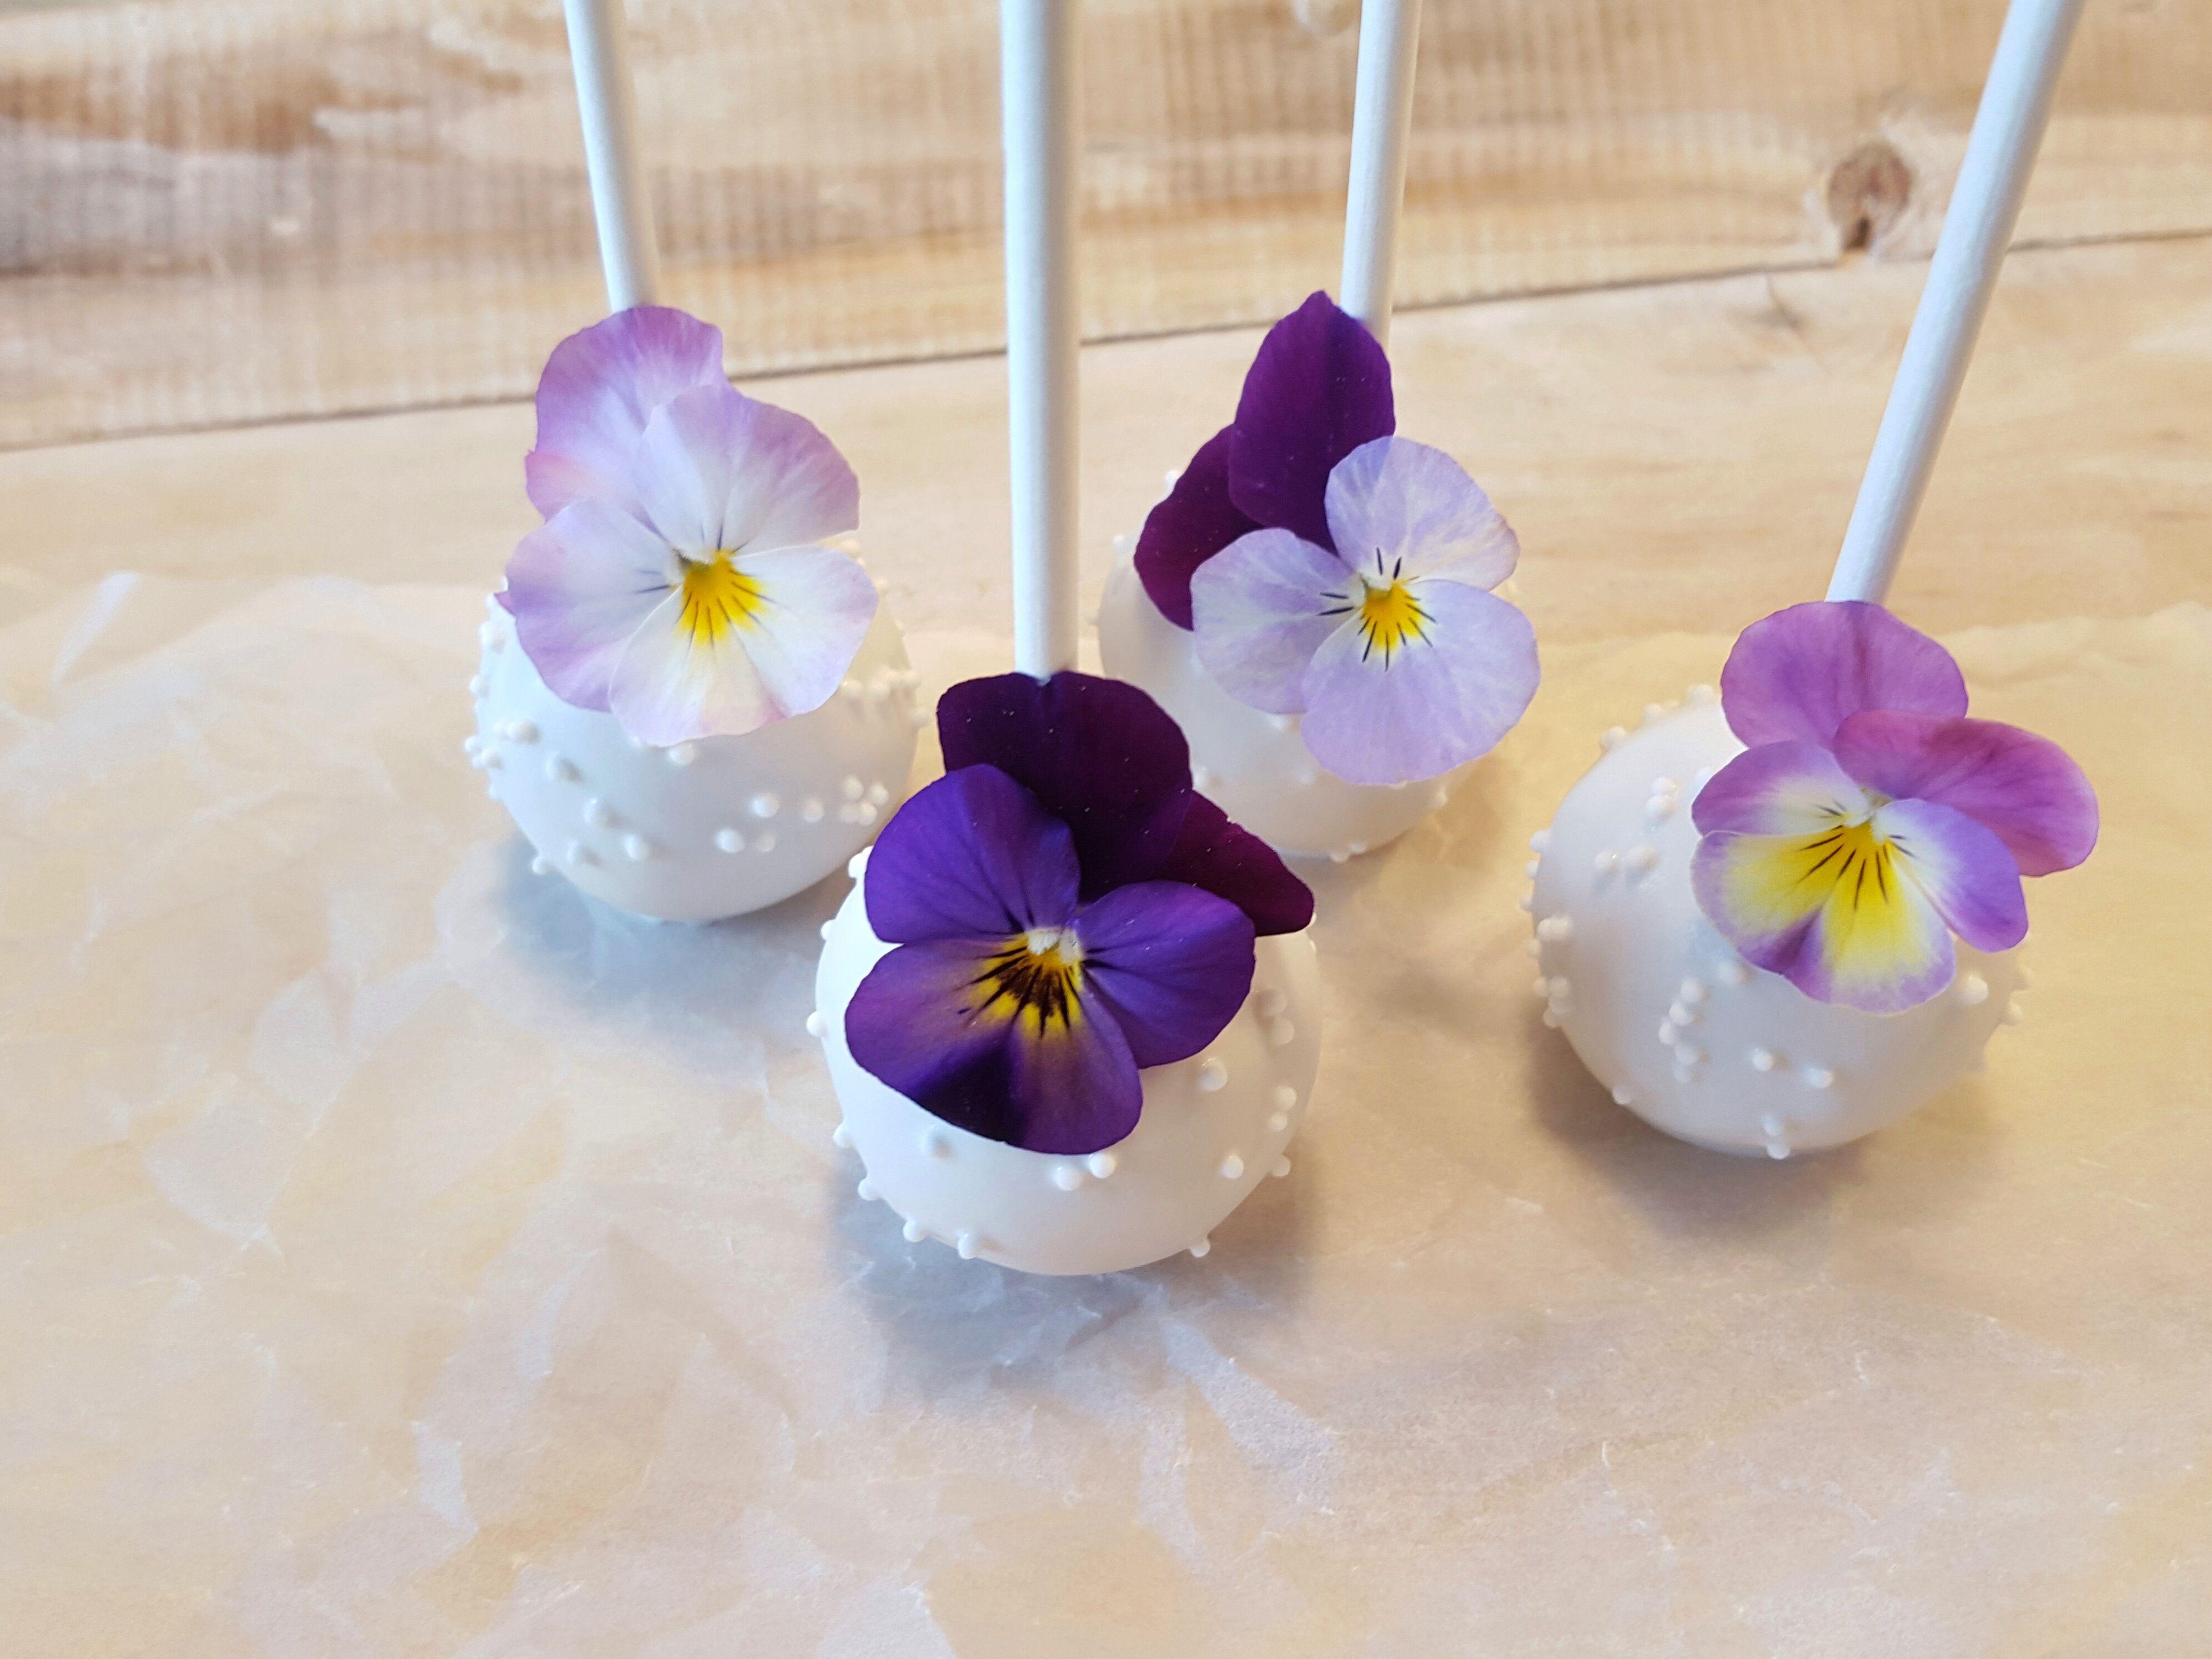 Cake Pops mit essbaren Blüten.  Cake Pop Workshop mit Silvia Fischer   www.silviafischer.com/workshops   Linz, Austria